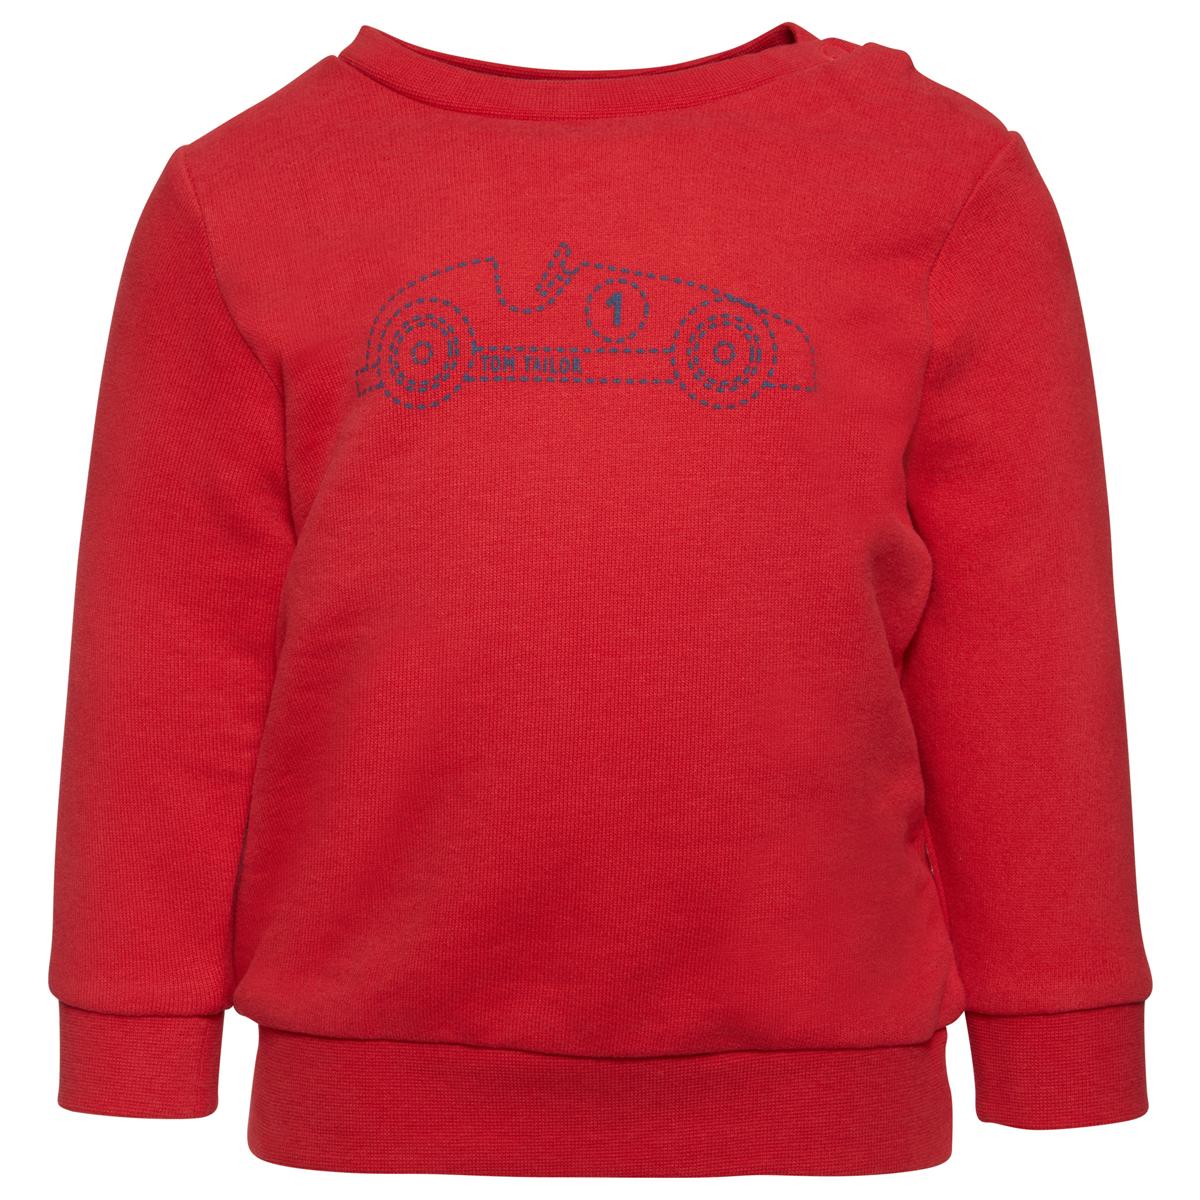 Толстовка детская Tom Tailor, цвет: красный. 2530111.00.22_5516. Размер 802530111.00.22_5516Лонгслив выполнен из высококачественного материала. Модель с круглым вырезом горловины, длинными рукавами оформлена принтовым рисунком. На плече дополнена кнопками.